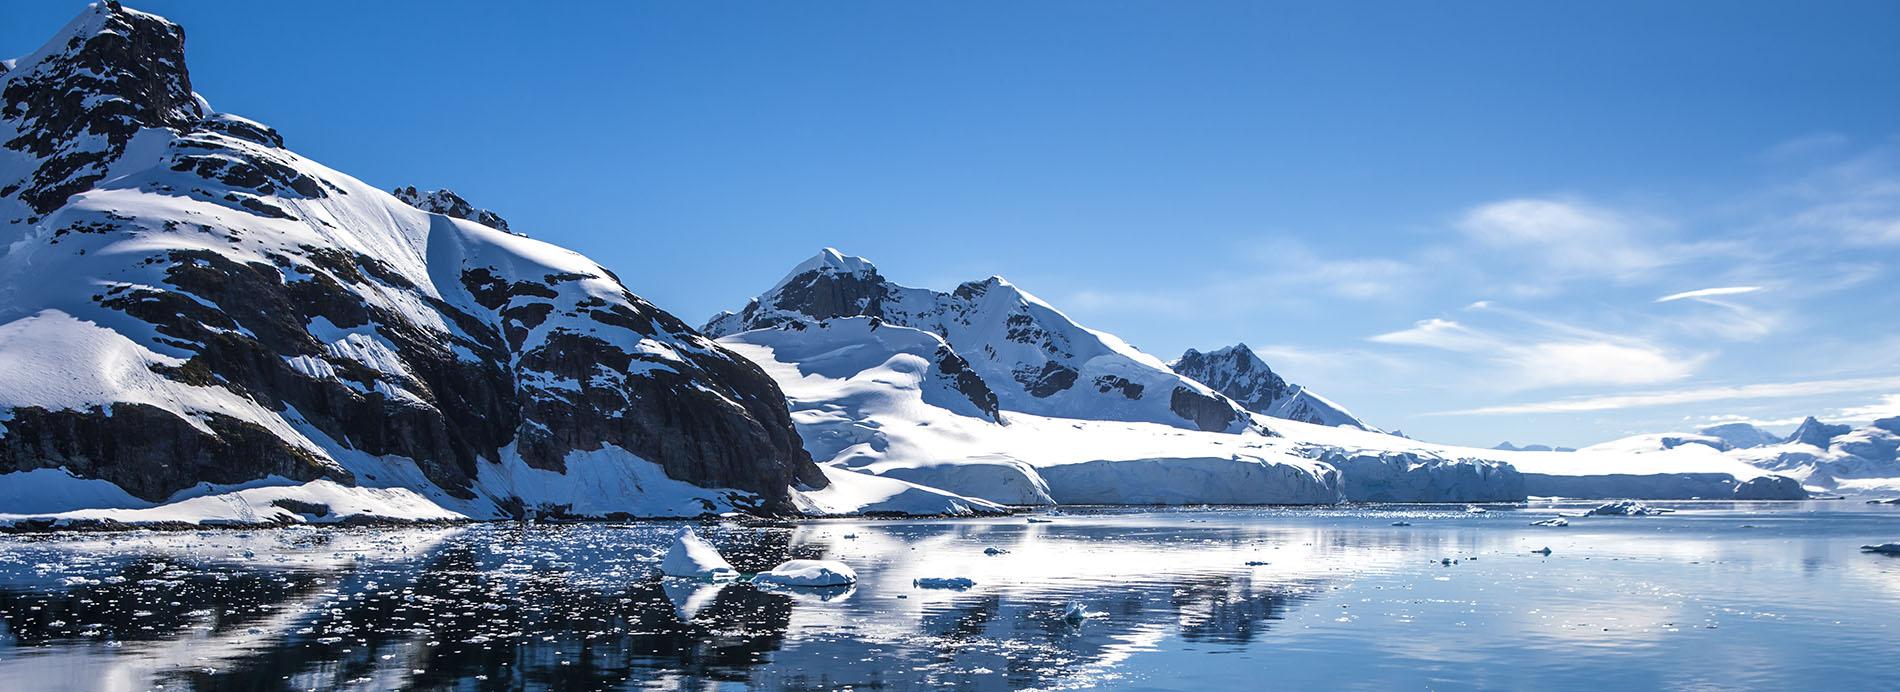 nordic life nieve montañas